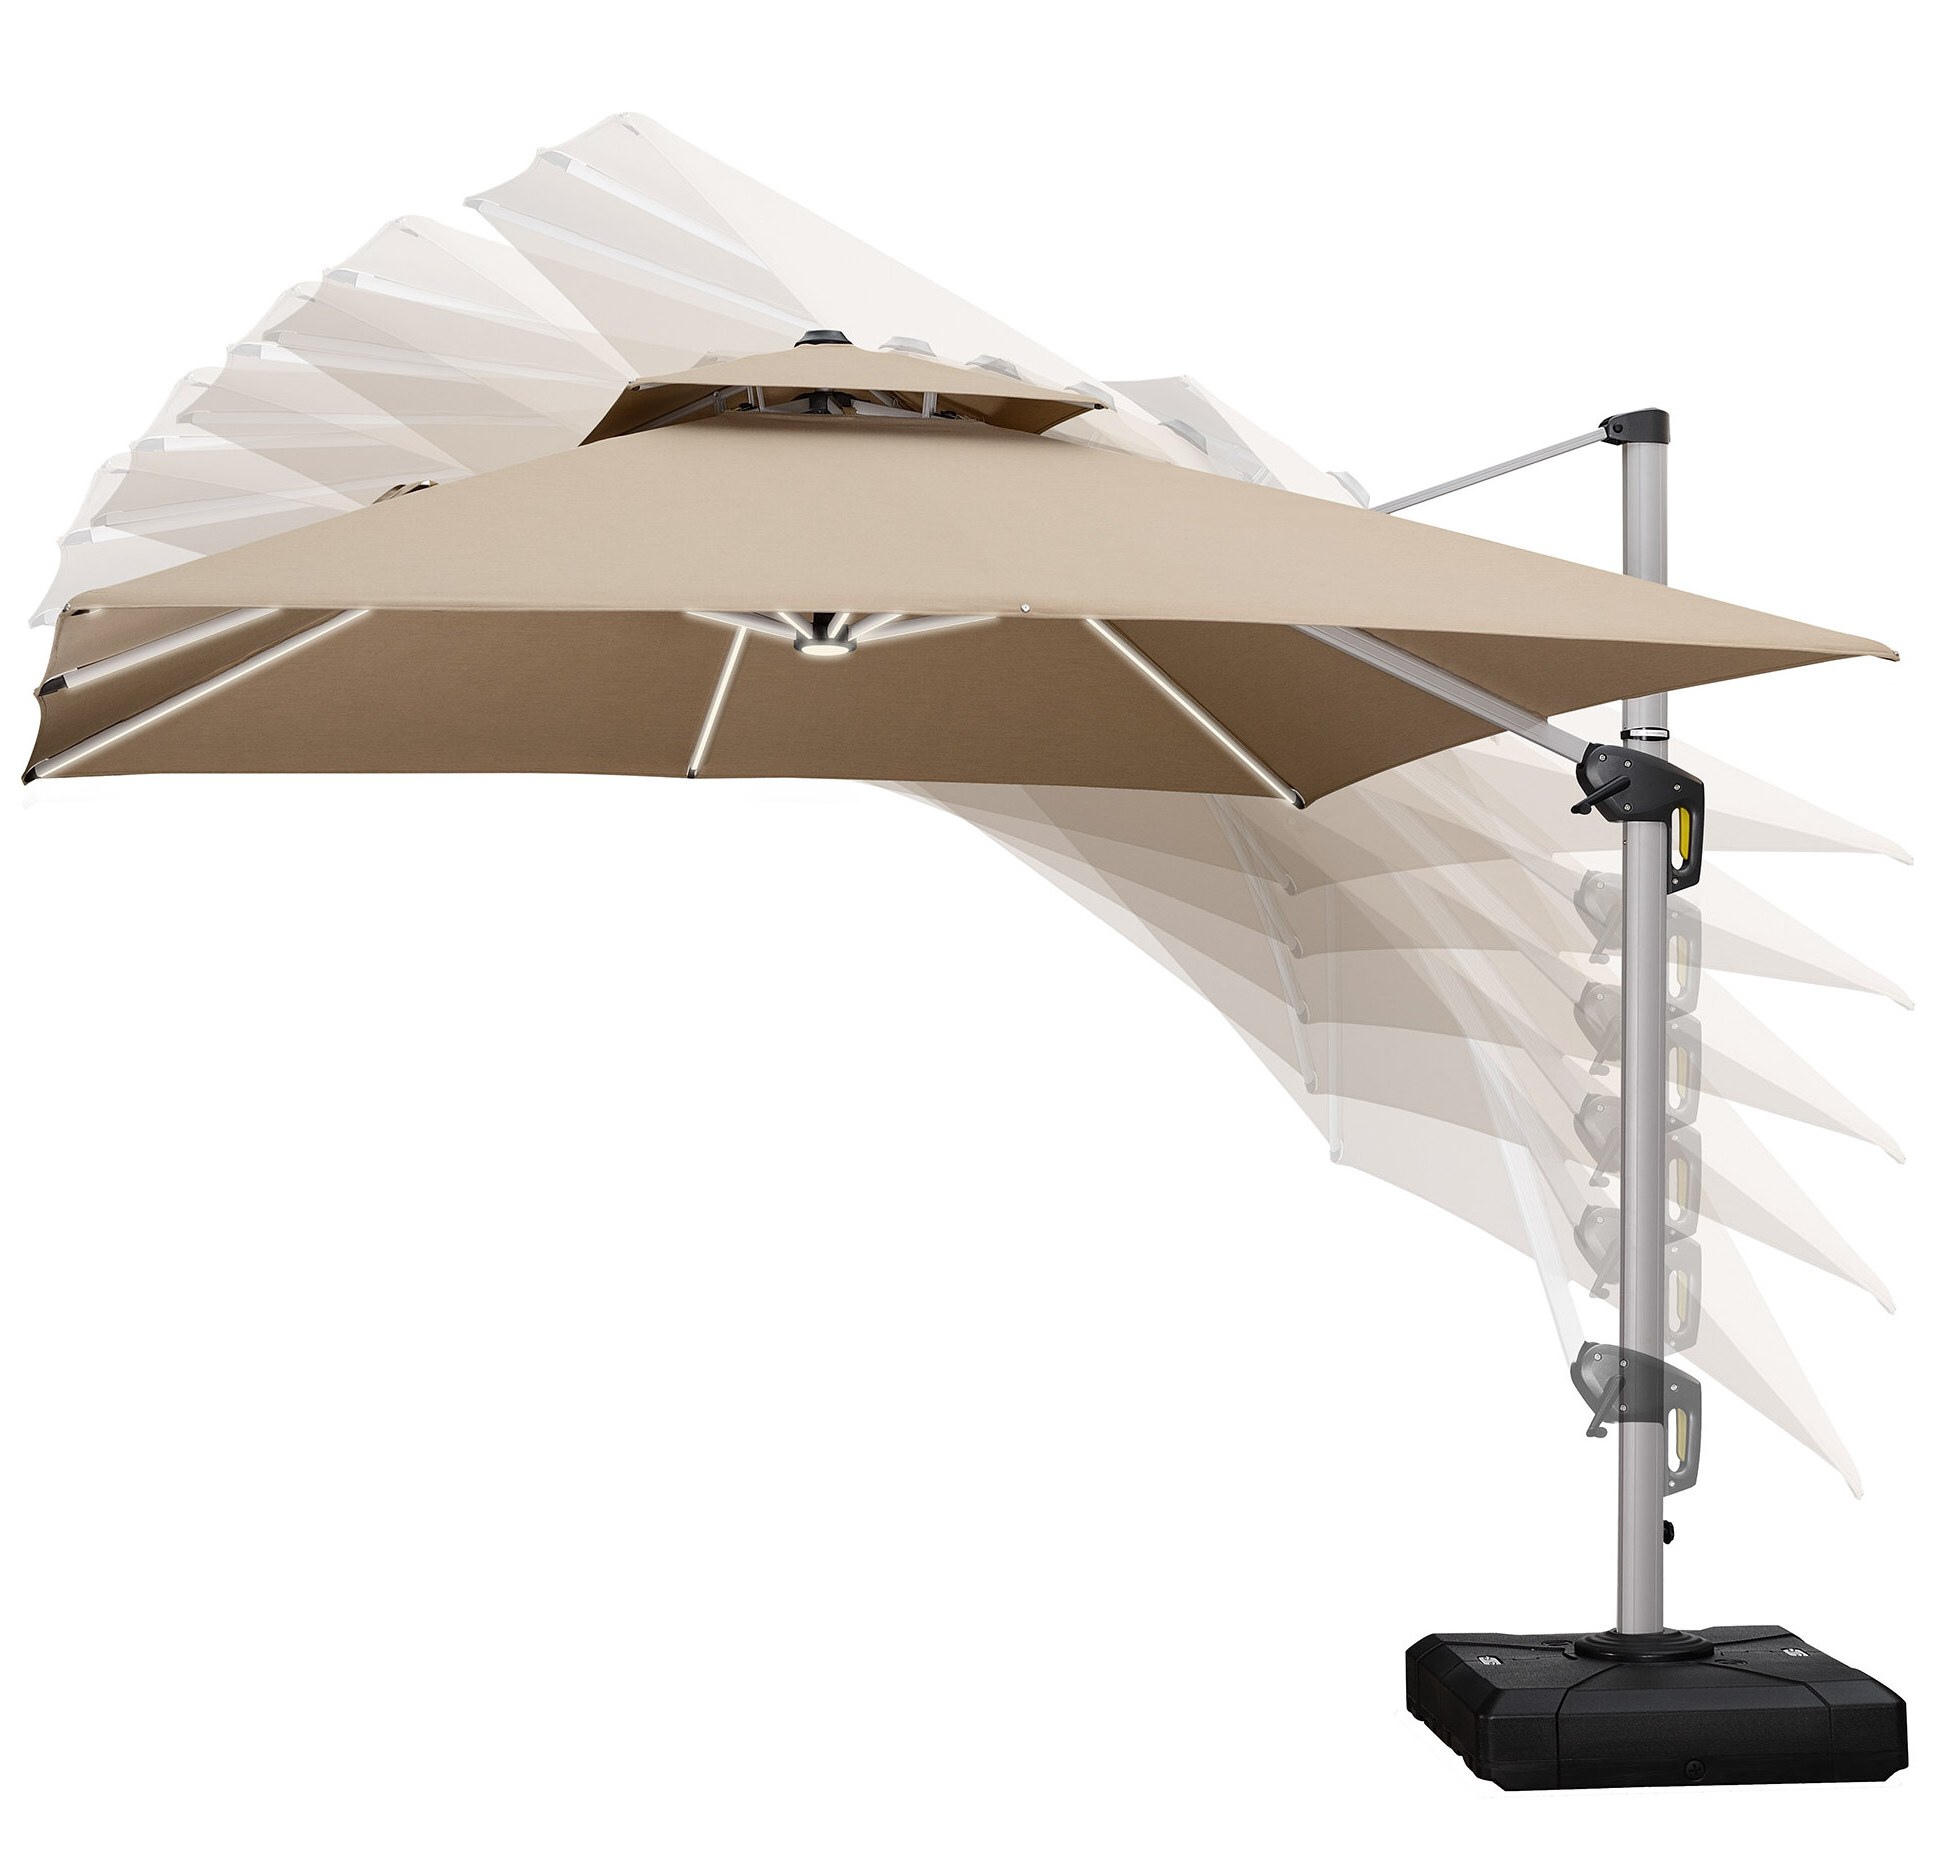 Preferred Dermott 10' Square Cantilever Umbrella With Regard To Maidste Square Cantilever Umbrellas (View 4 of 20)